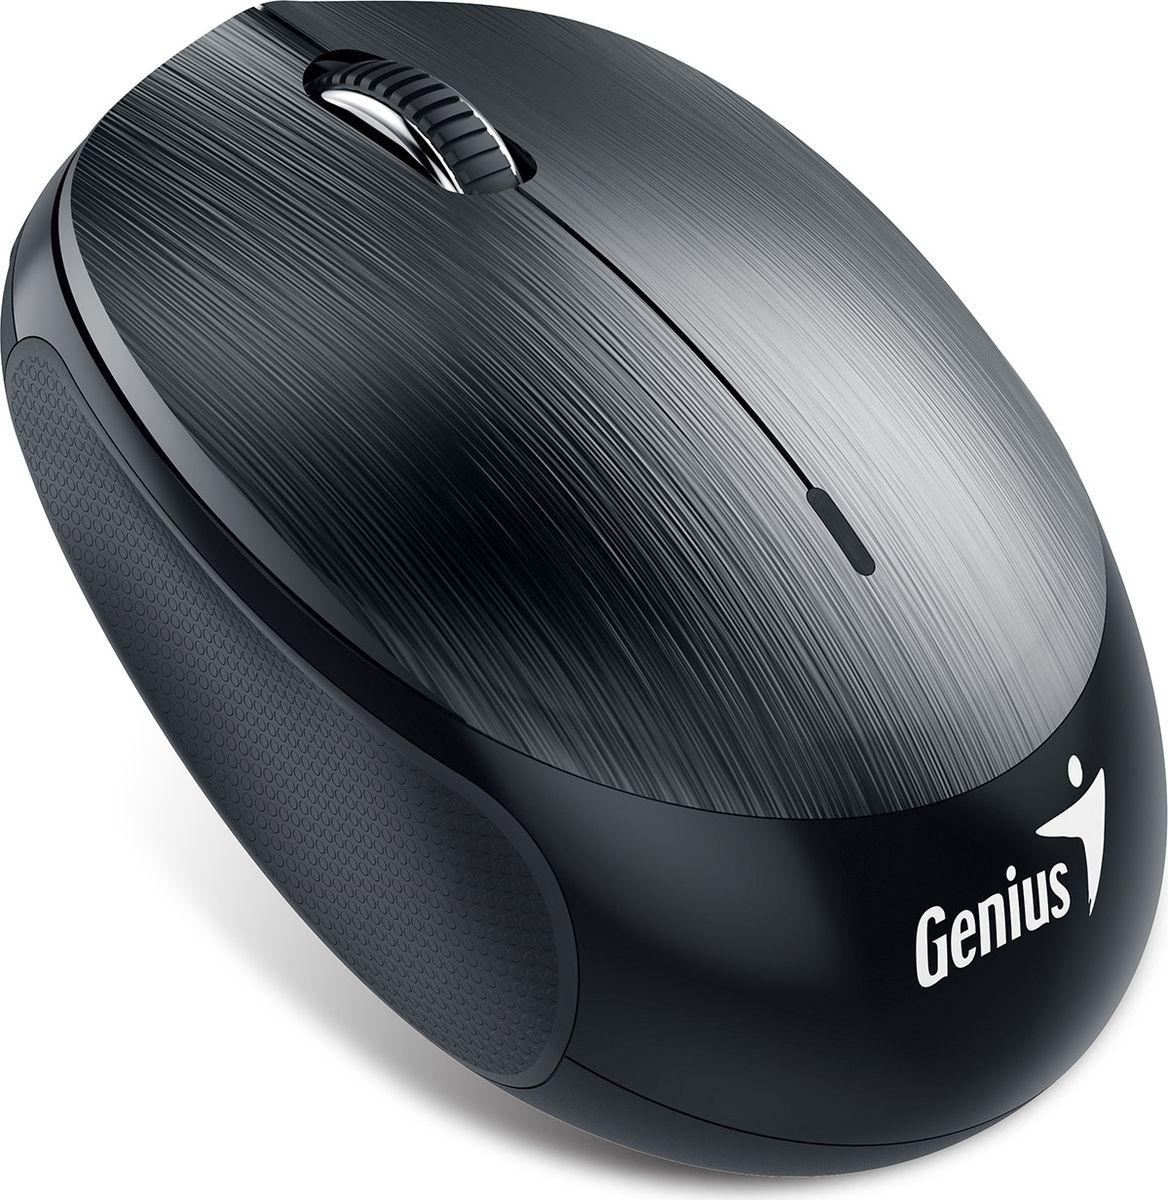 Genius NX-9000BT V2, Iron Gray мышь беспроводная